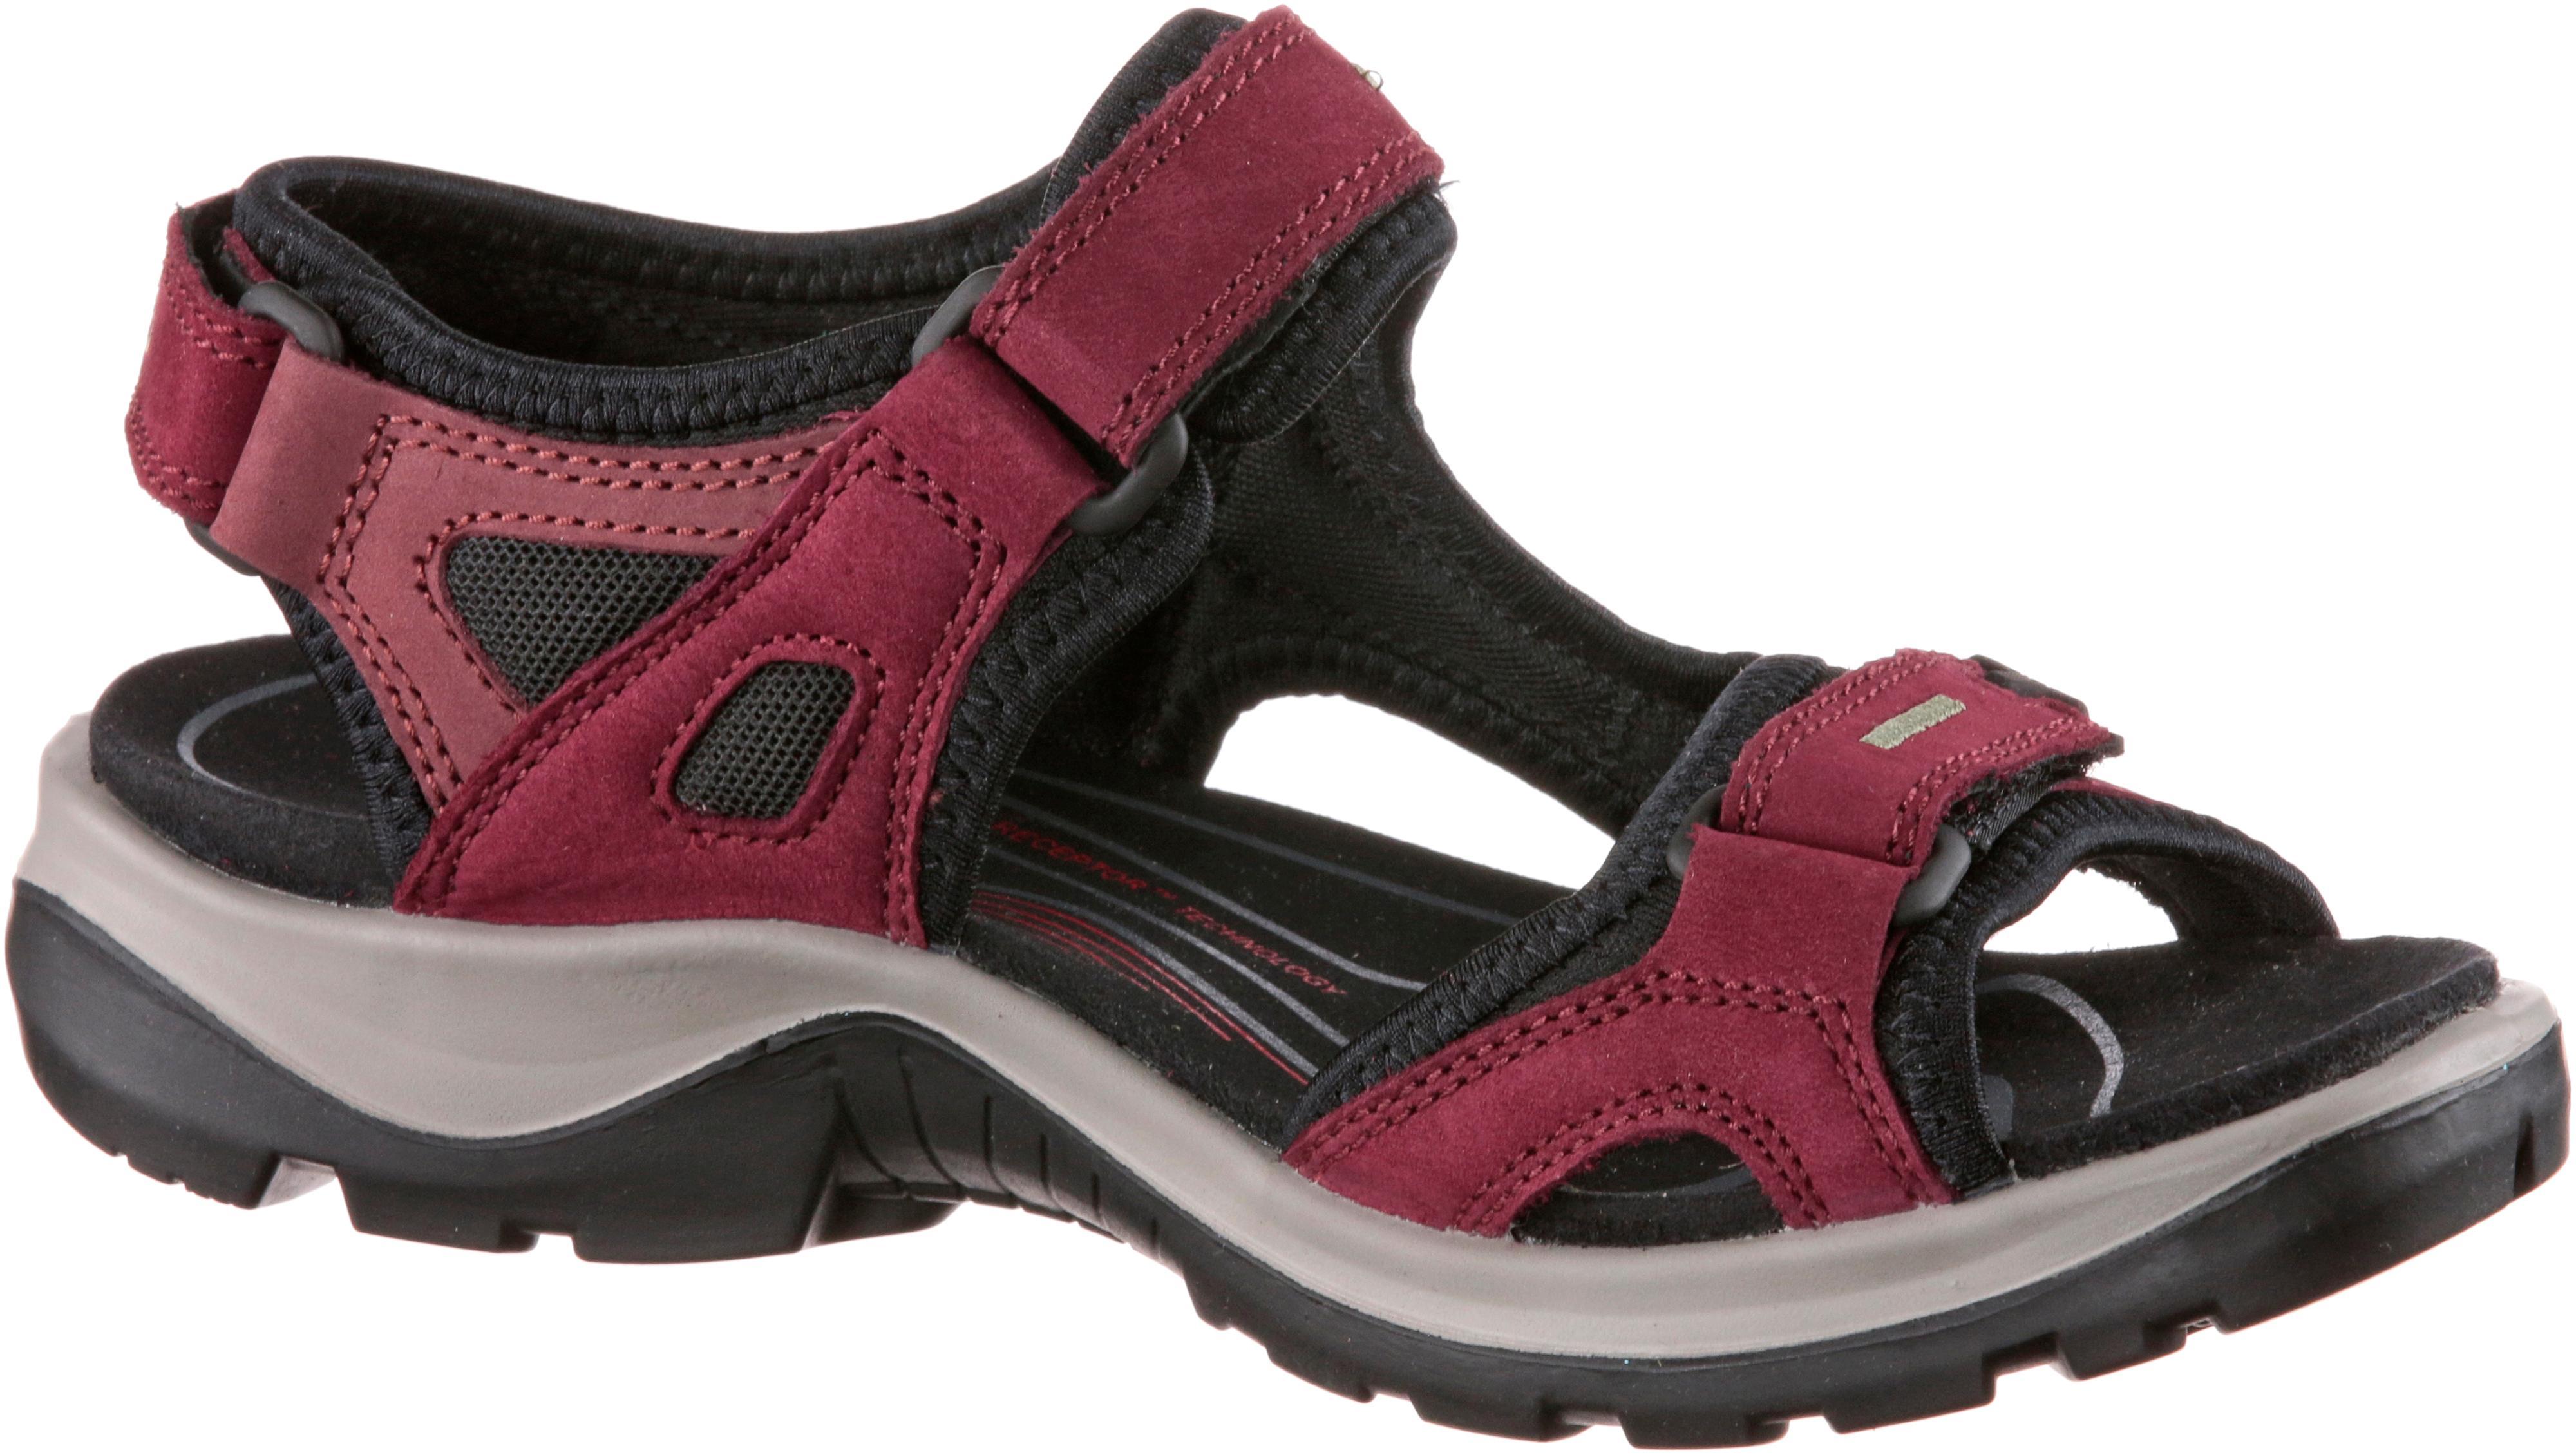 ECCO Offroad Outdoorsandalen Damen rot schwarz im Online Shop von von von SportScheck kaufen Gute Qualität beliebte Schuhe 9c2cc9